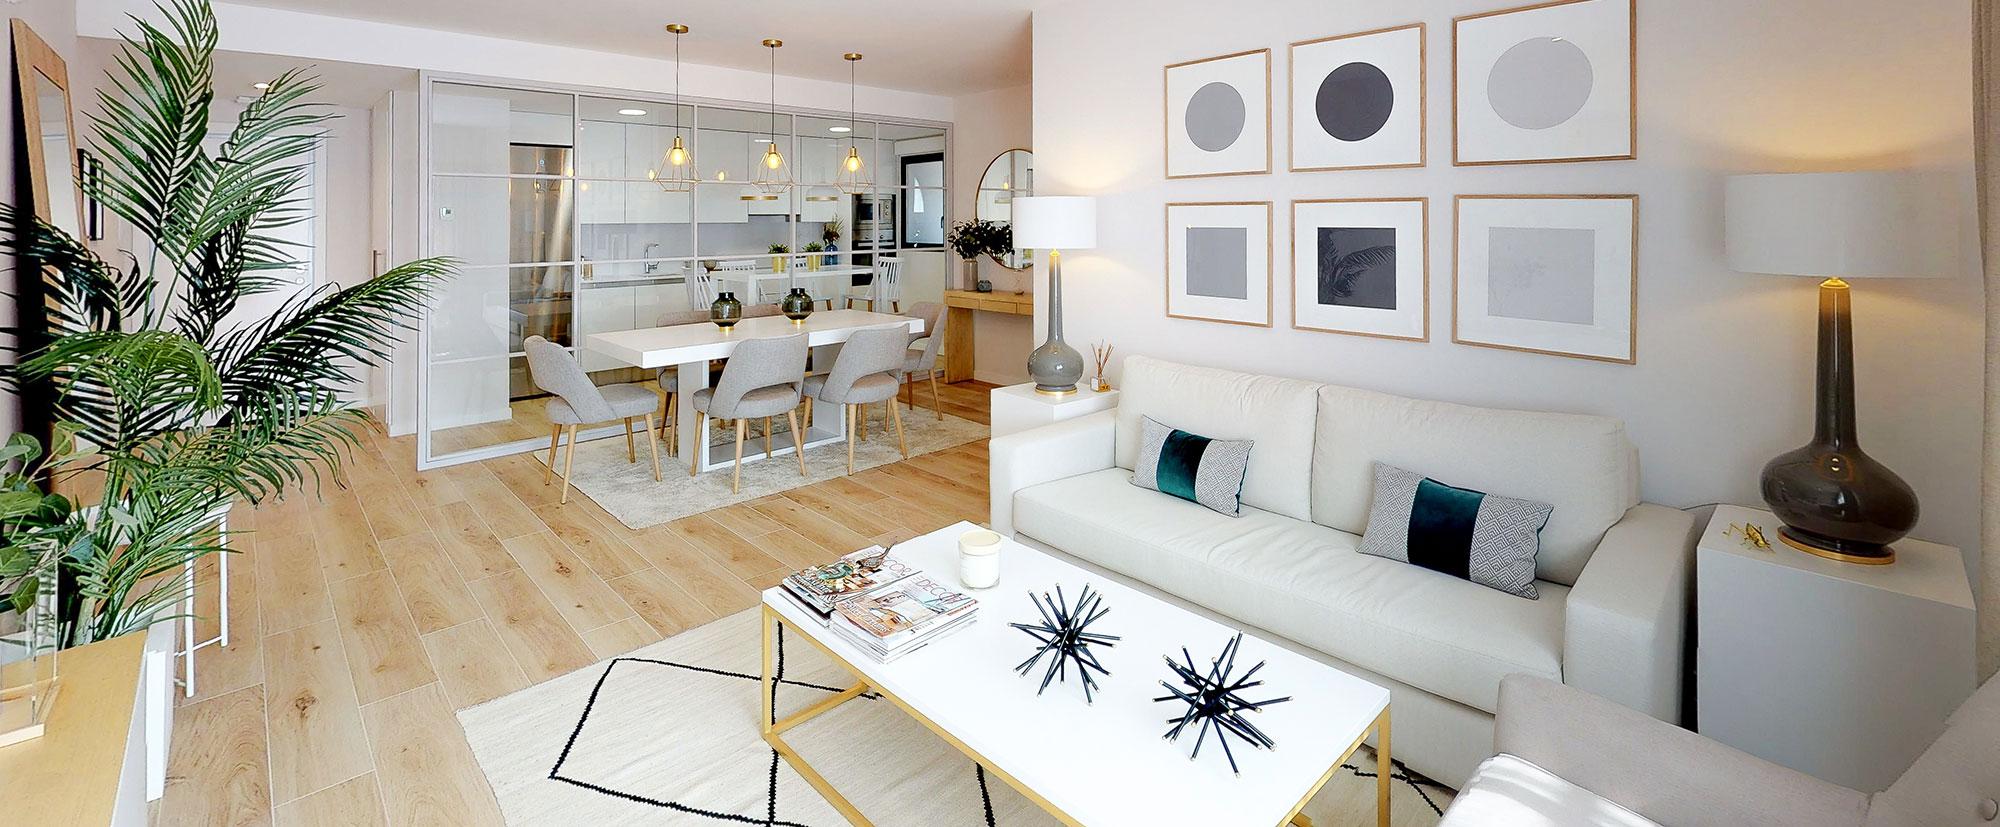 El piso piloto de Escalonia II muestra la amplitud de la cocina y el salón